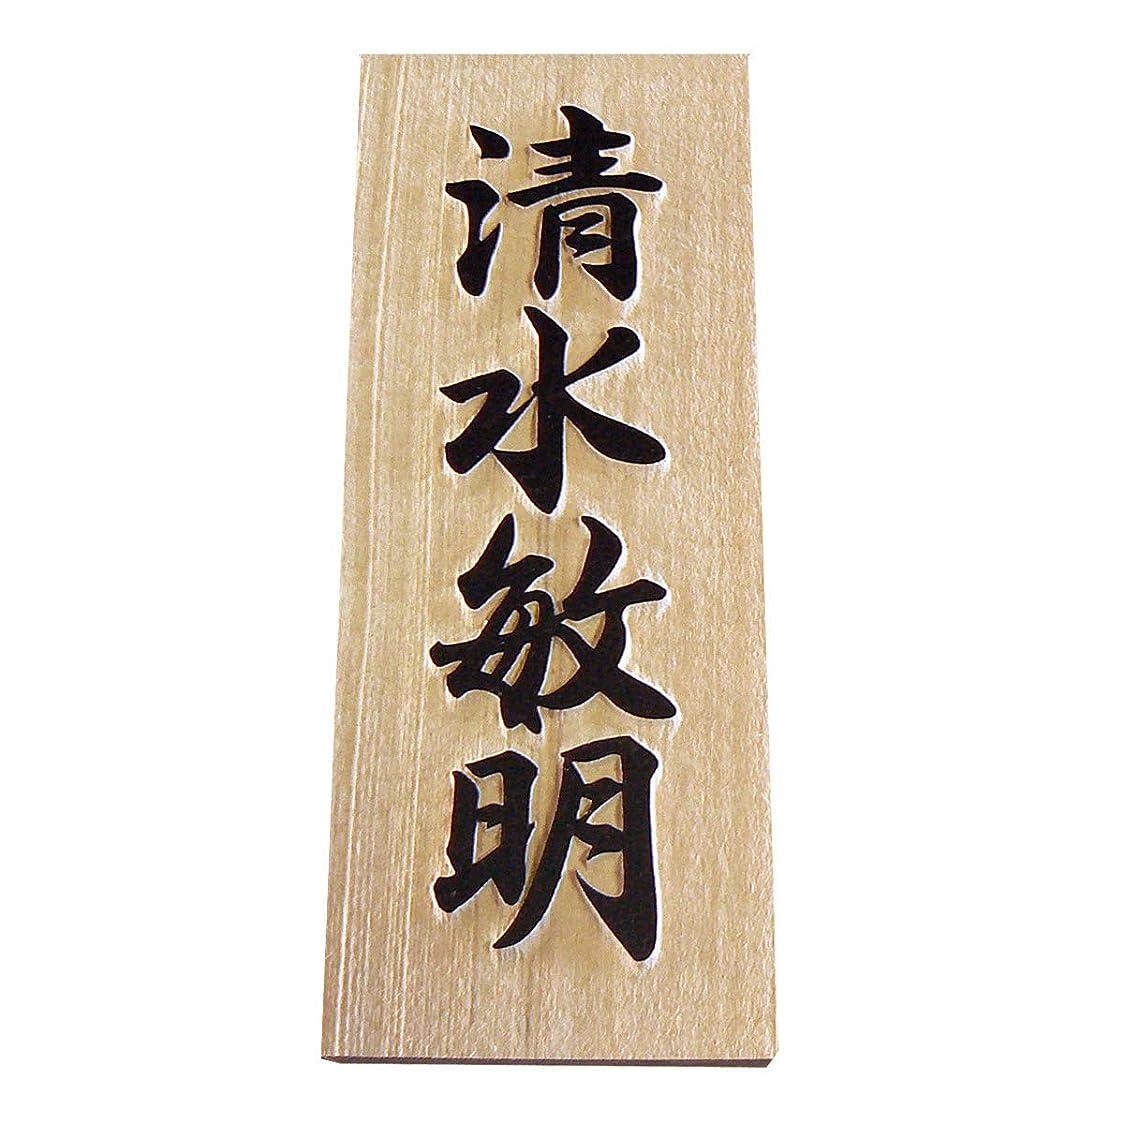 開始明確に安らぎ木製表札 木(木曽ひのき)の浮彫枠無し